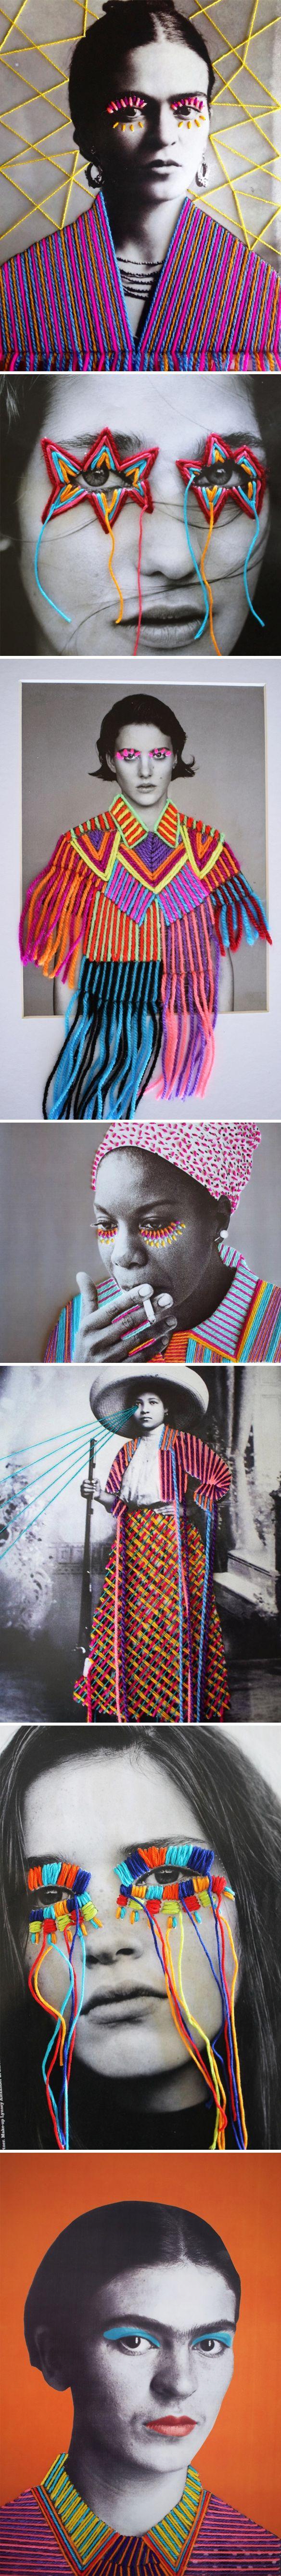 embroidery by victoria villasana